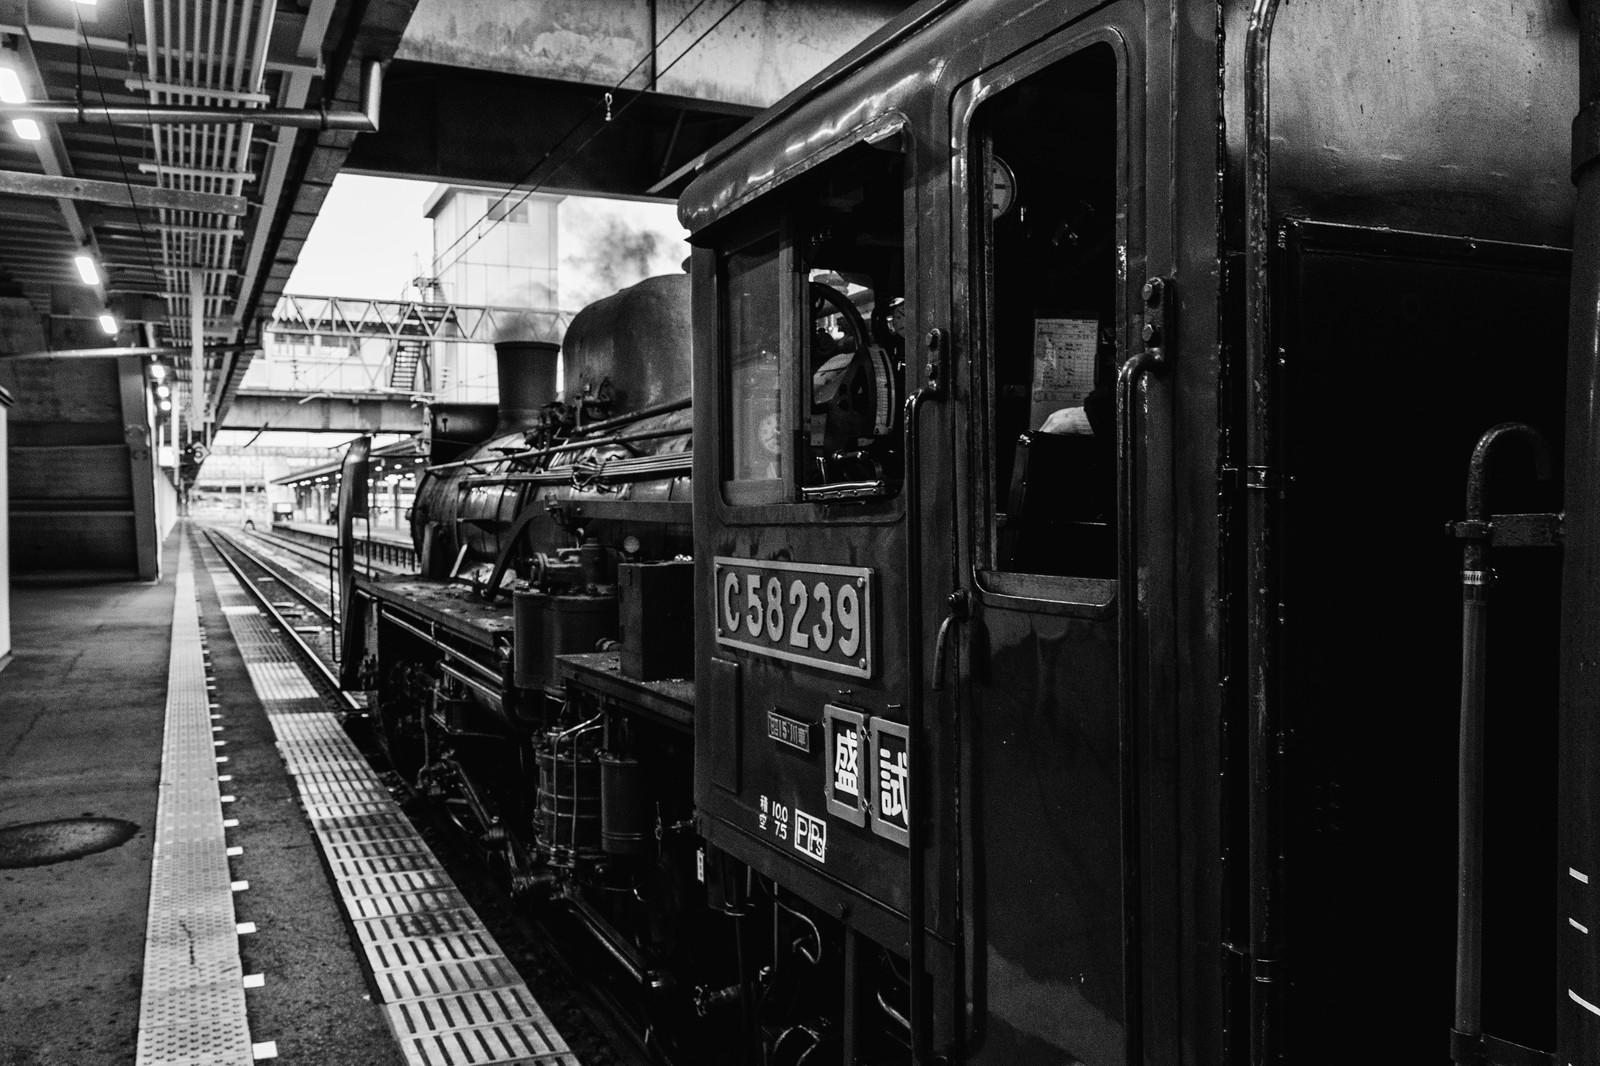 秩父鉄道のSL観光へ!撮影スポットやチケットの予約法などまとめ!